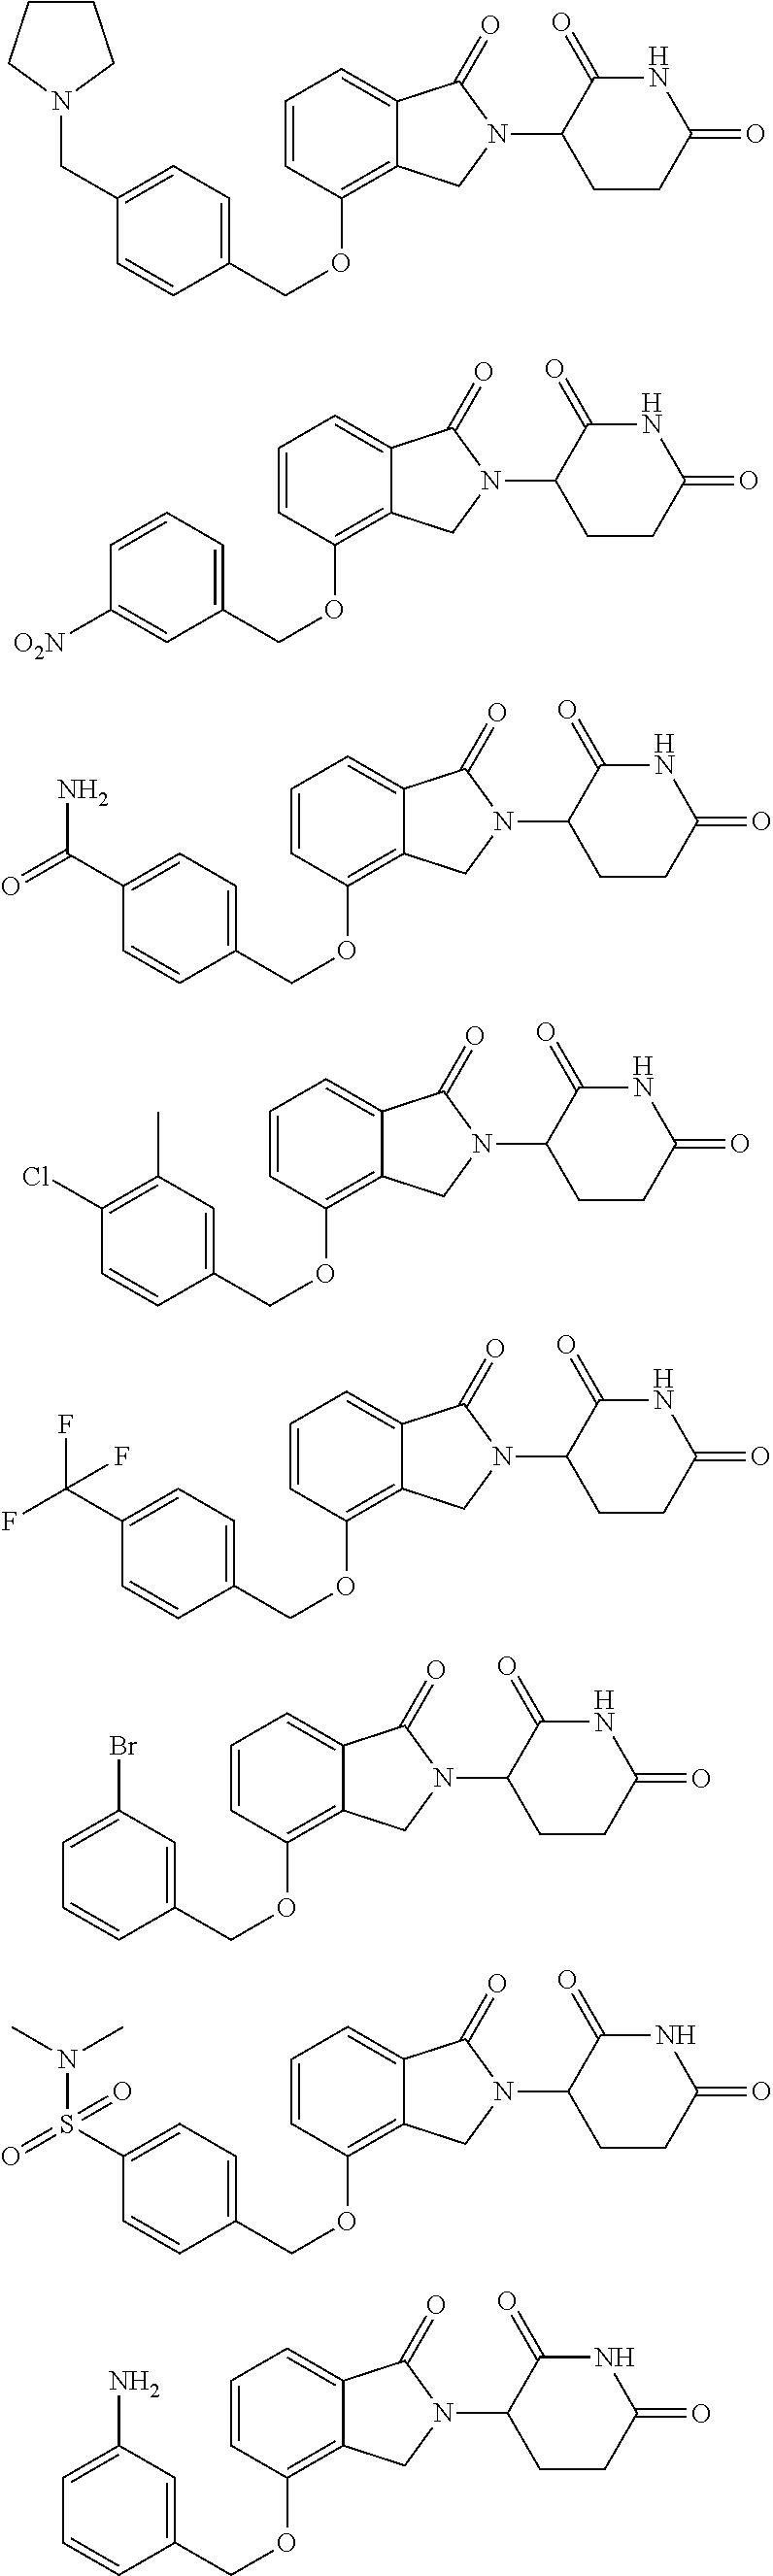 Figure US09822094-20171121-C00028